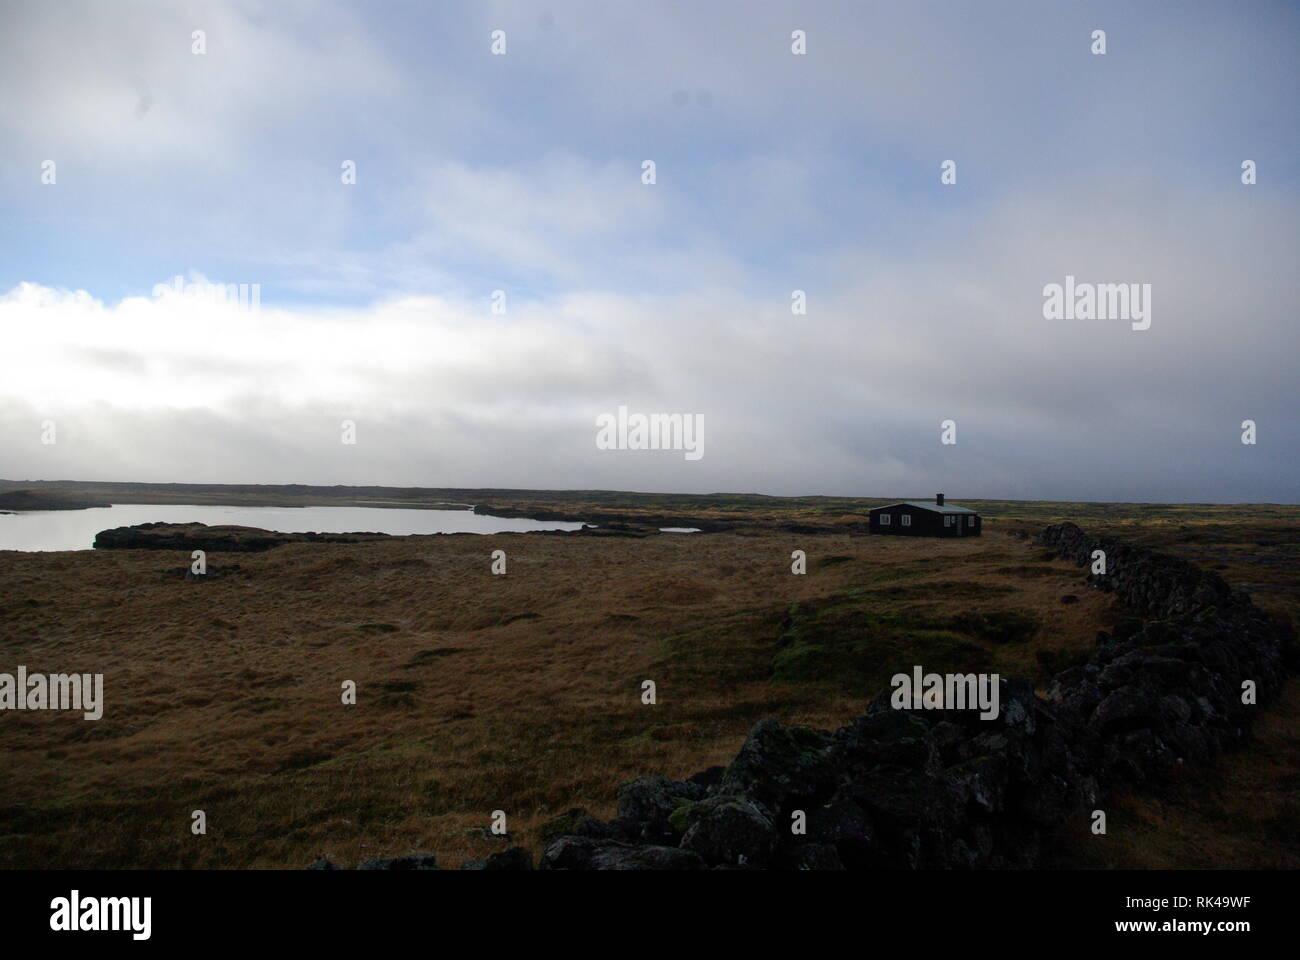 Landschaft auf Island - Stock Image